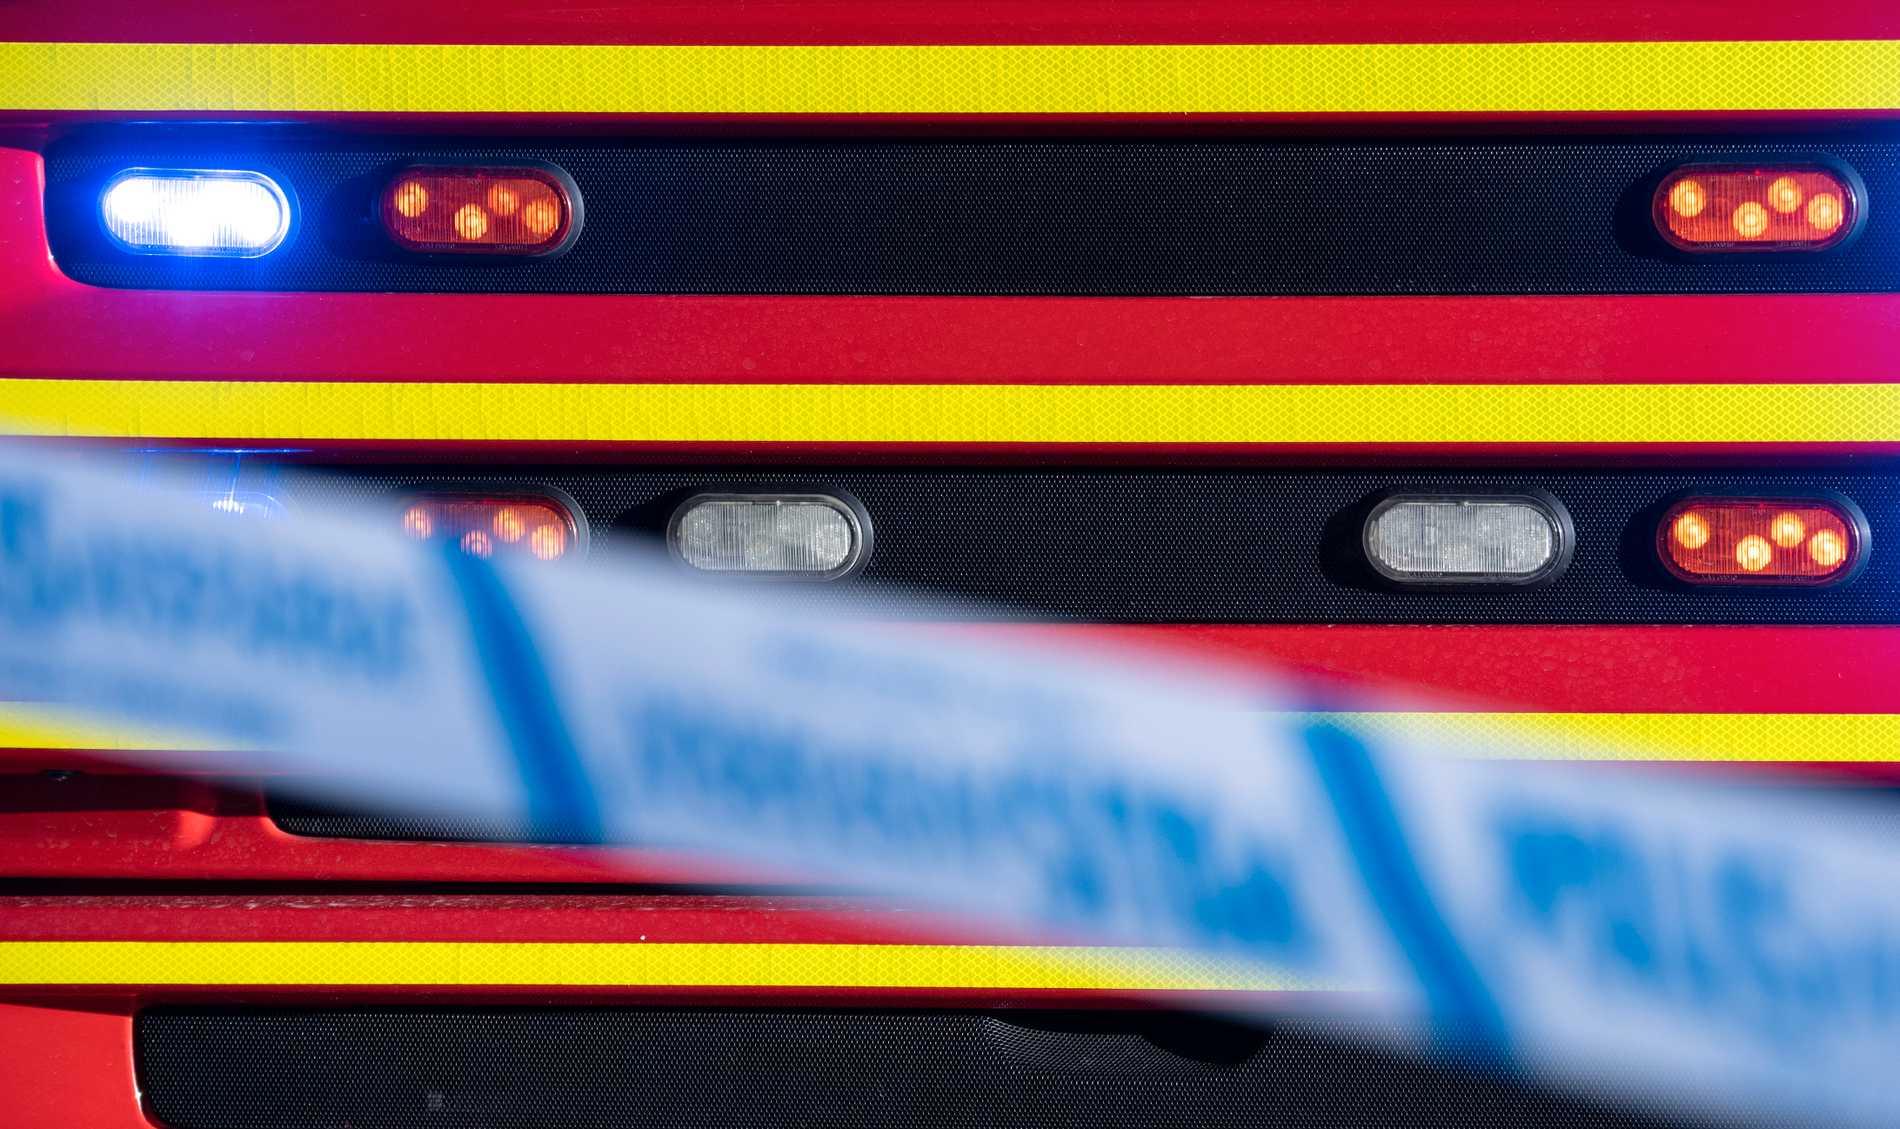 Ett rum i en byggnad som tillhör Linköpings universitet brandskadades under natten. Arkivbild.